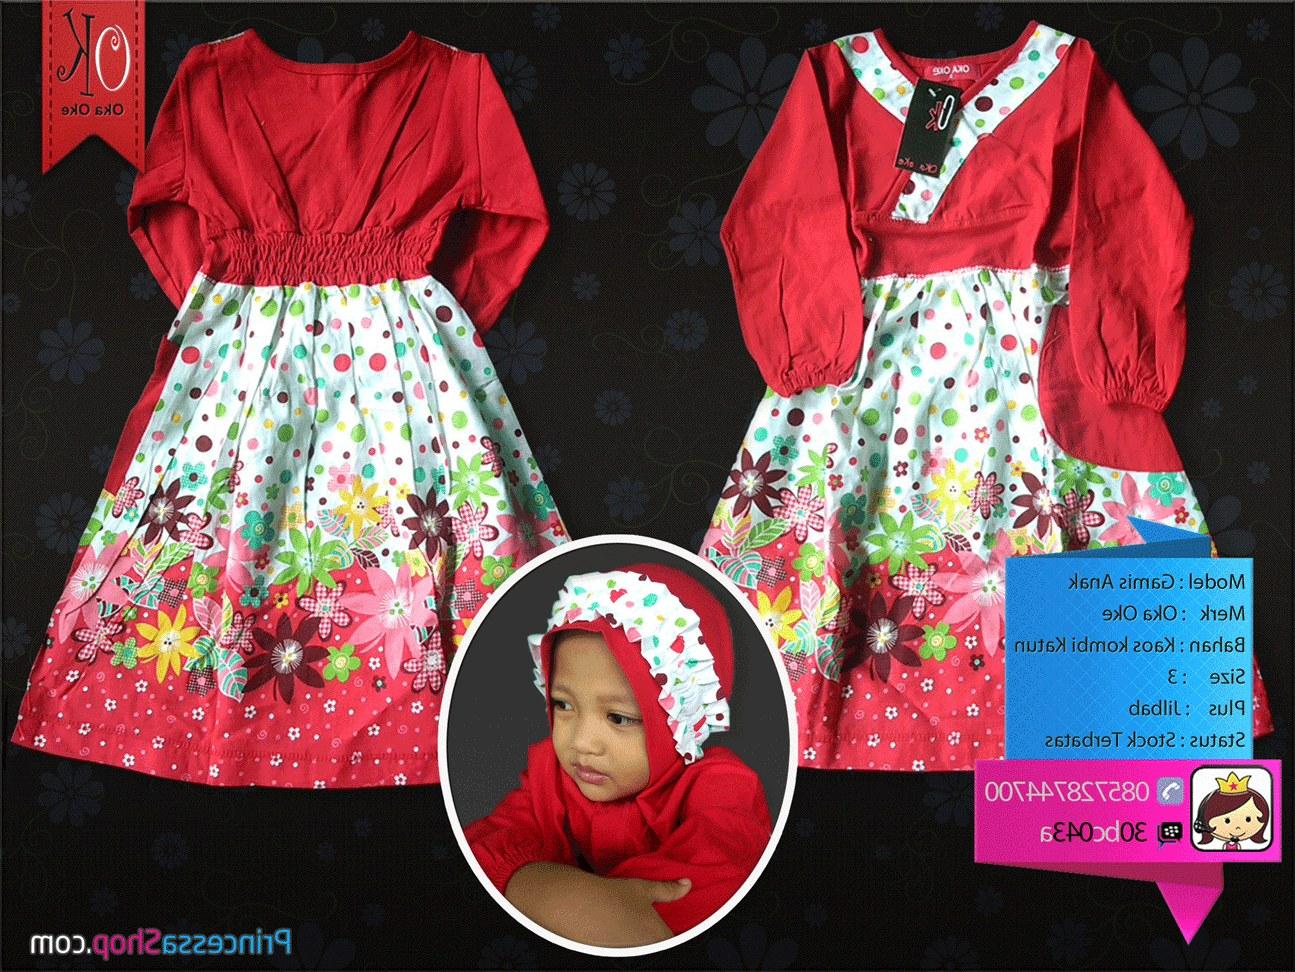 Bentuk Baju Lebaran Anak Perempuan Umur 3 Tahun Ipdd Model Baju Muslim Anak Terbaru